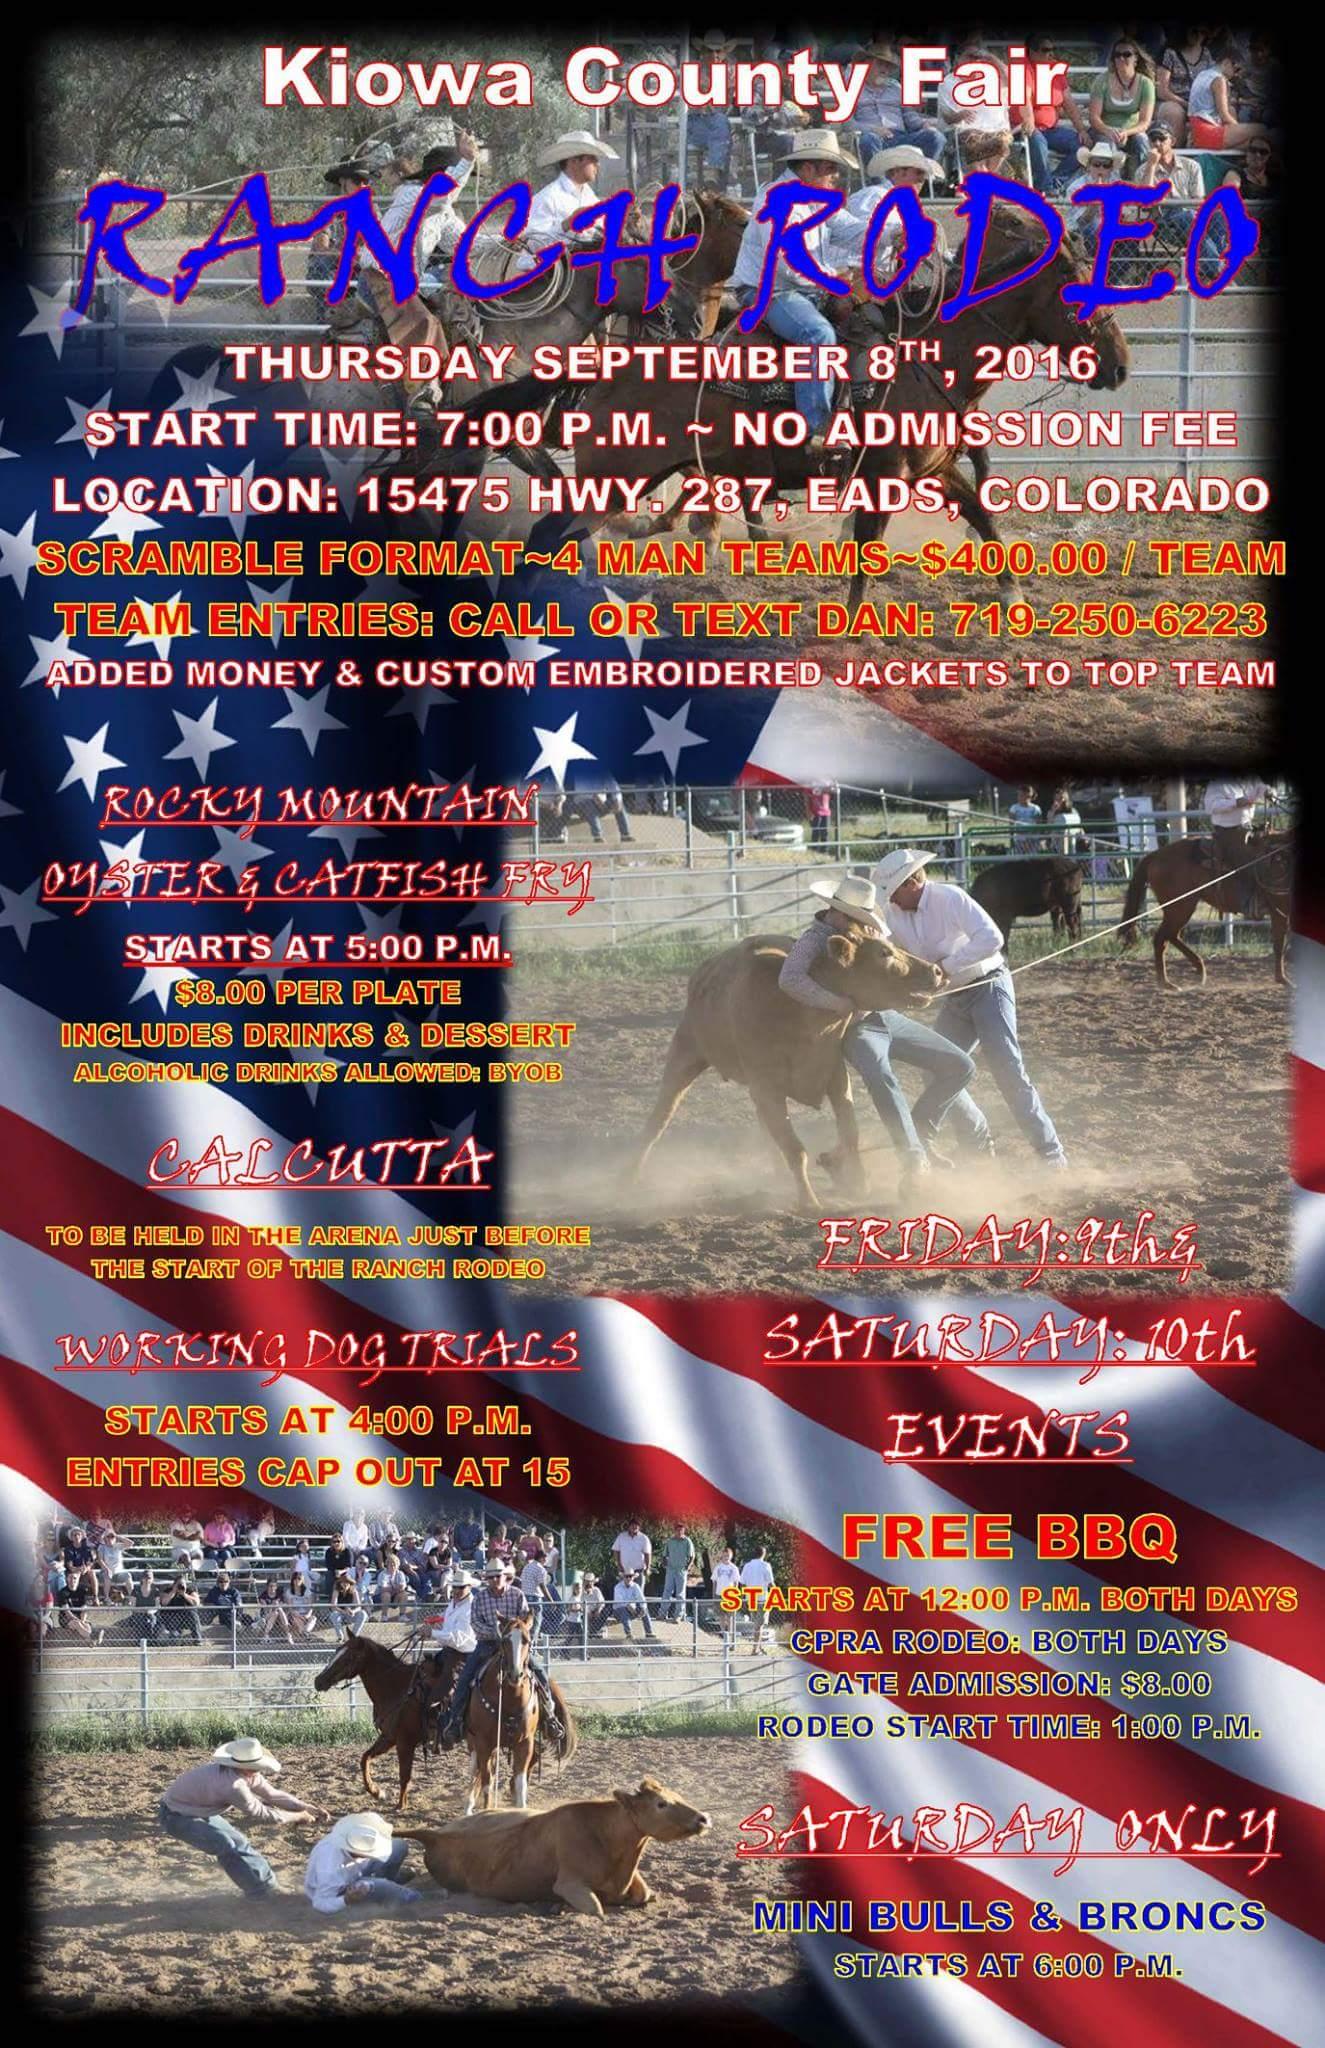 Ranch Rodeo Thursday At The Kiowa County Fair Kiowa